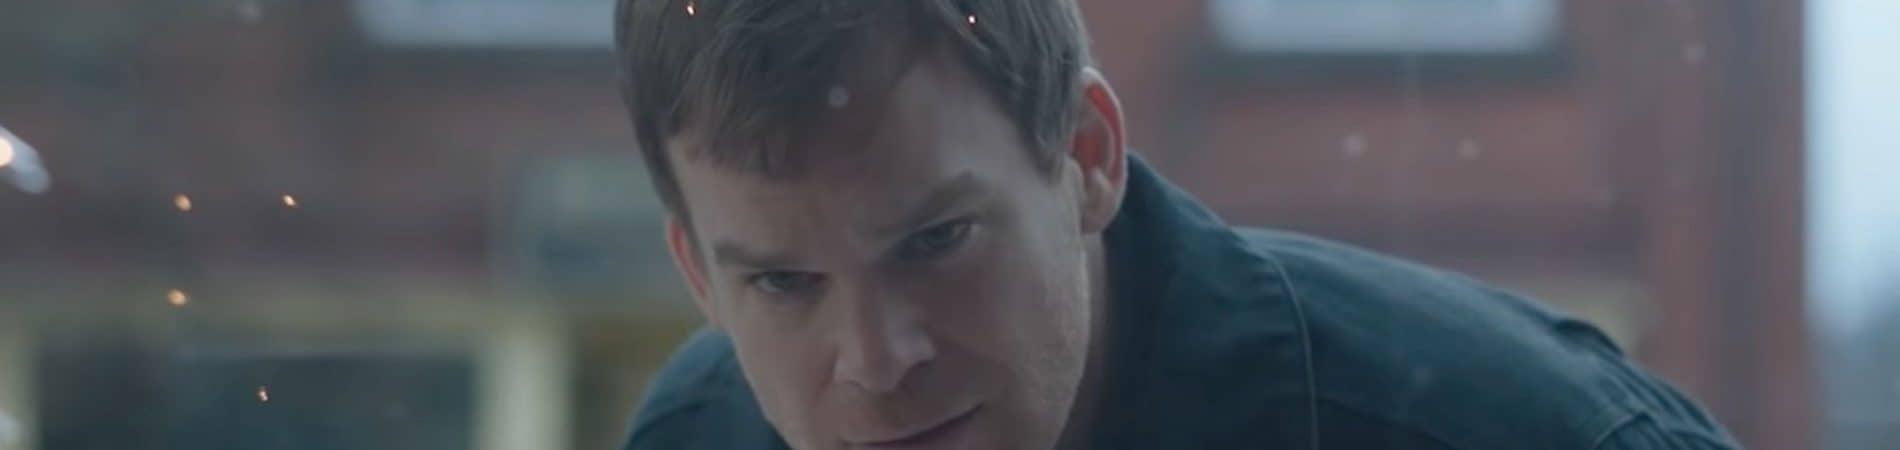 'Dexter' ganha nova profissão e nome em teaser do revival. Imagem: Reprodução/CBS Television Distribution